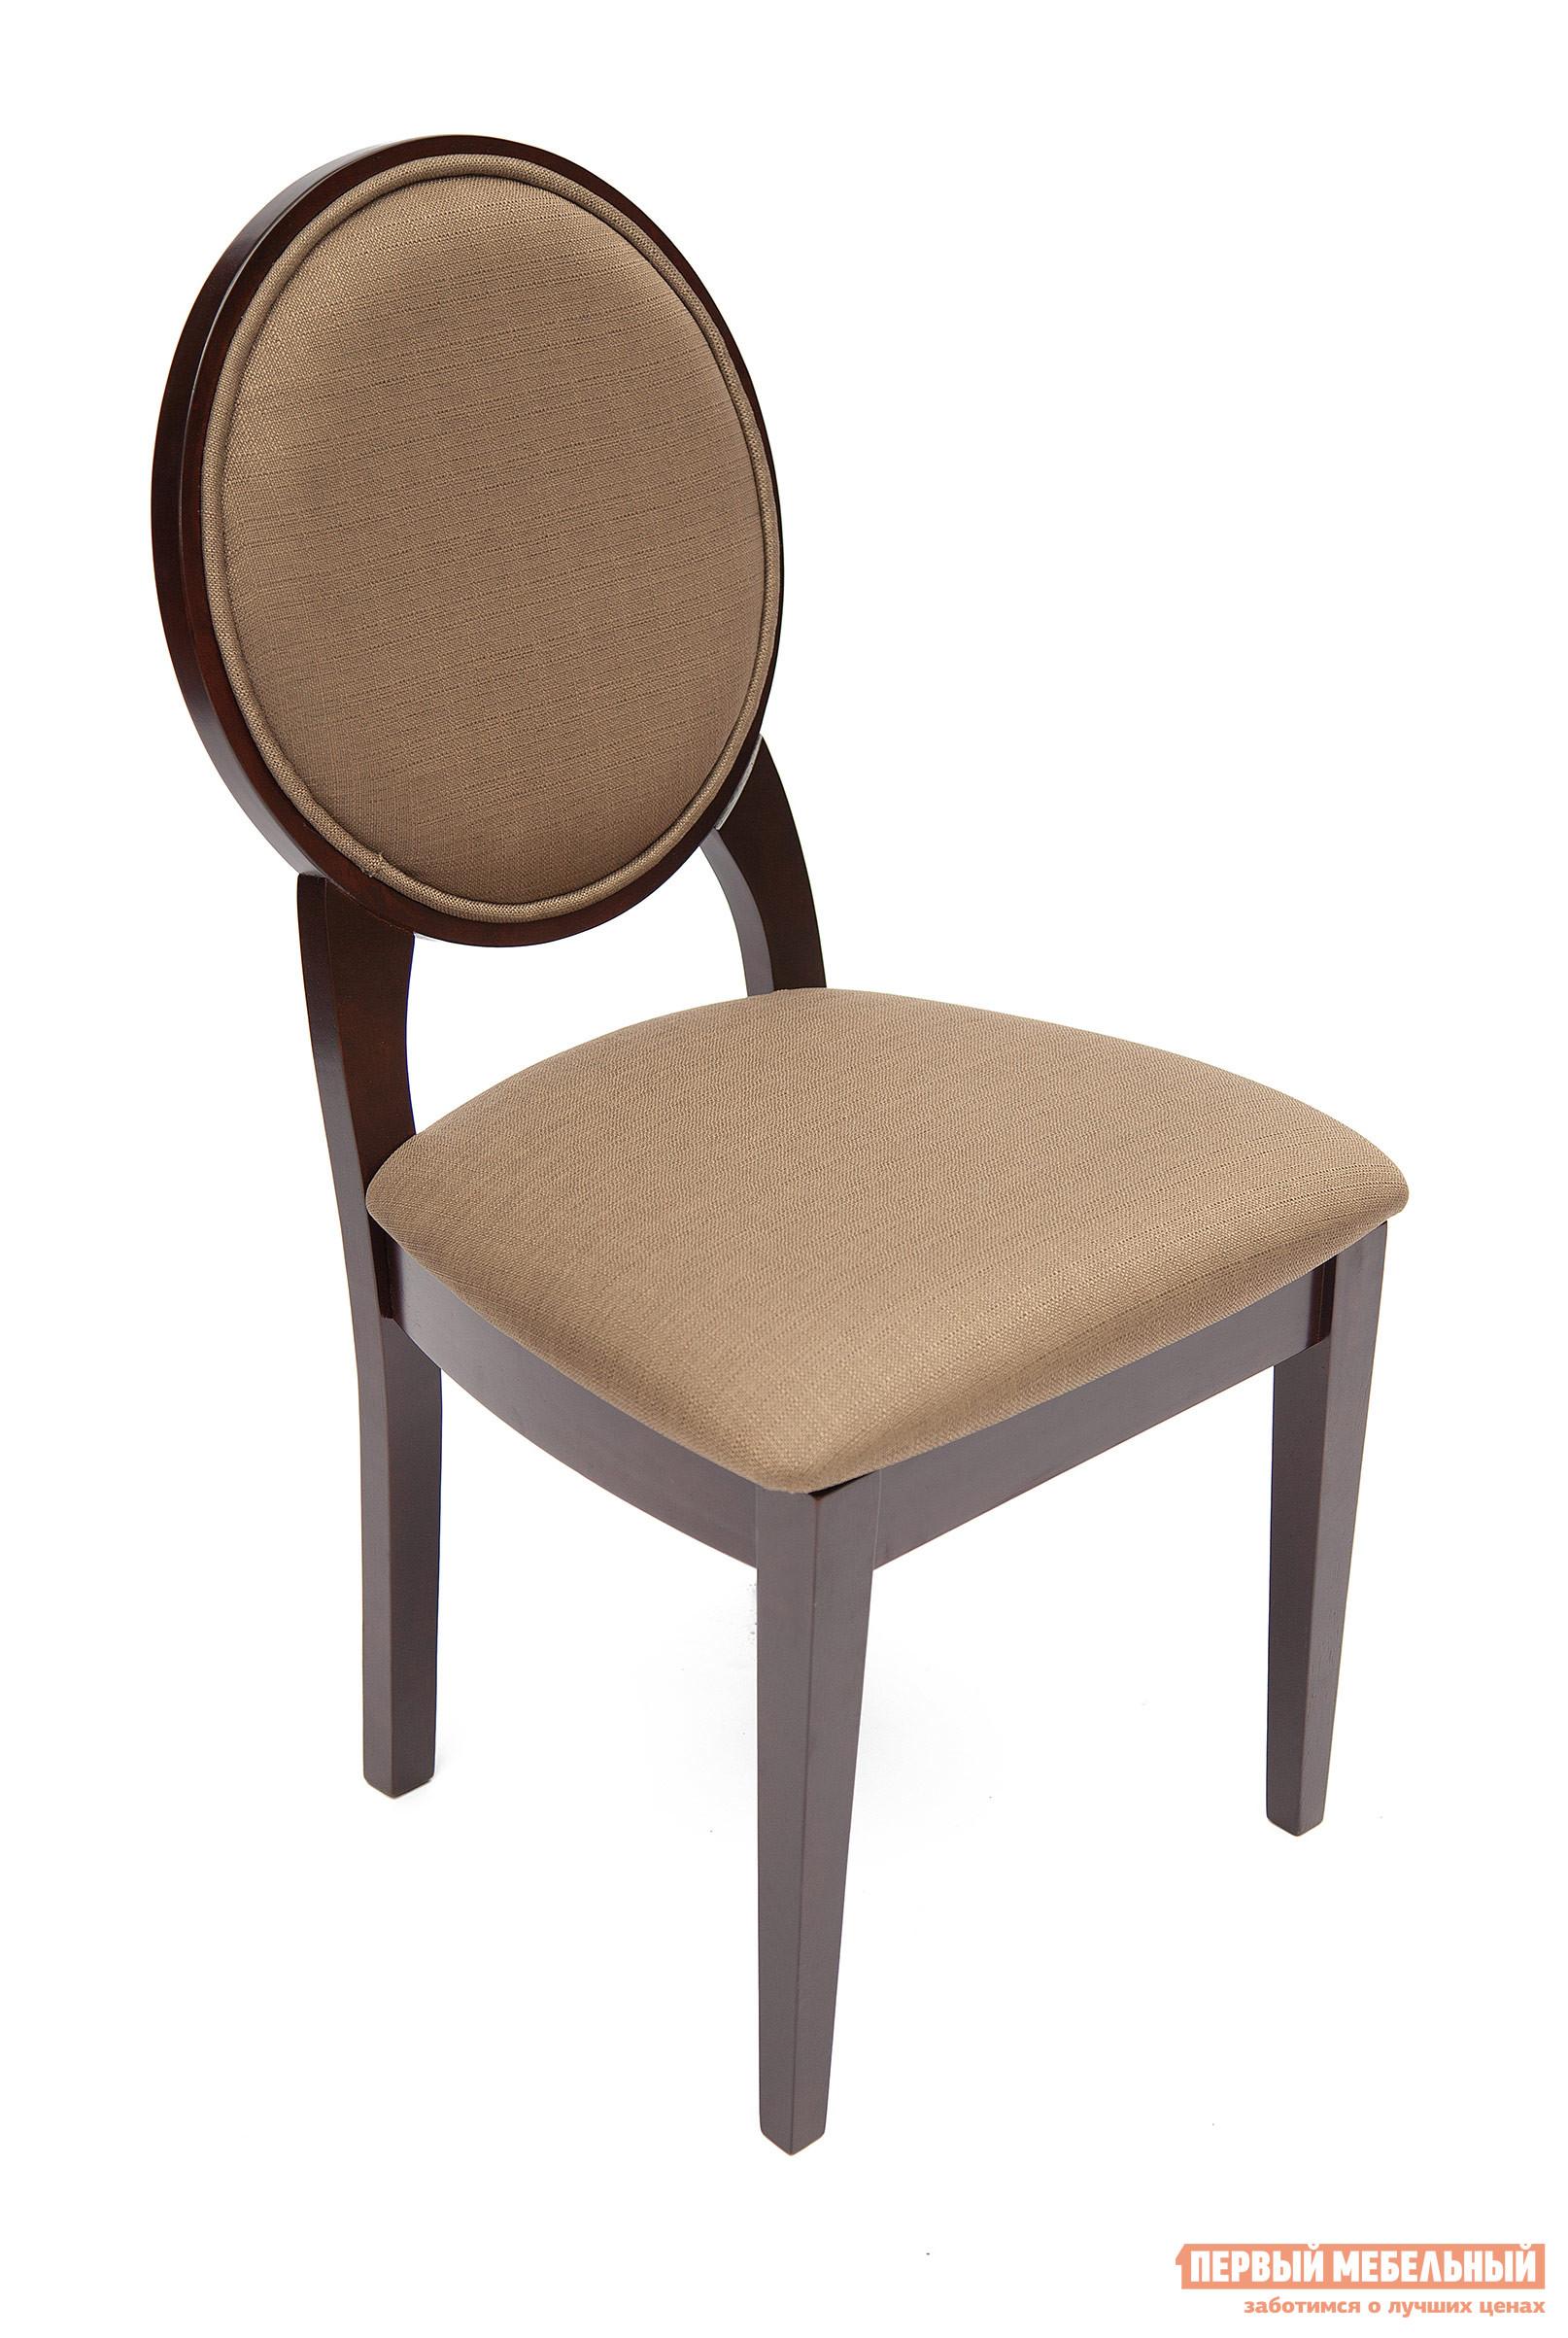 Классический стул Tetchair JUPITER комплект стульев обеденных 2 шт tetchair jupiter jt sc2 цвет тёмный орех